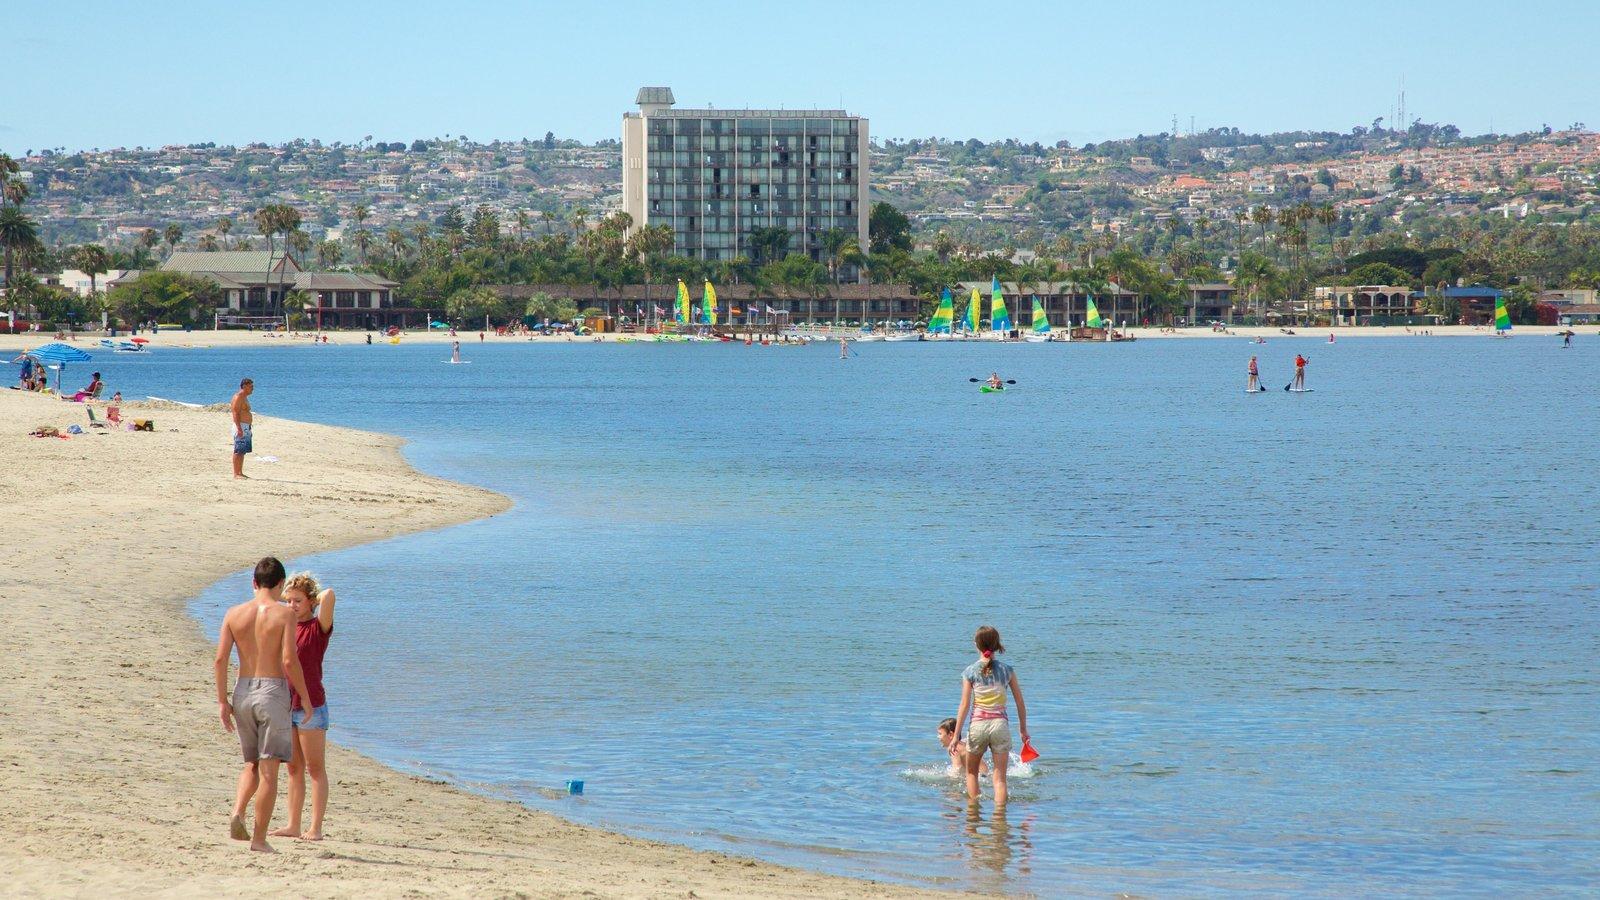 Mission Bay caracterizando uma praia e paisagens litorâneas